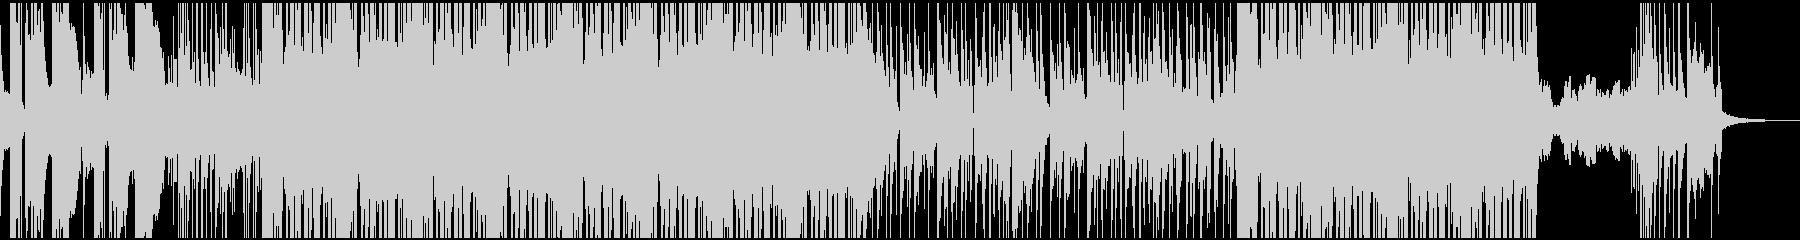 インパクトのある軽快なファンクロックの未再生の波形